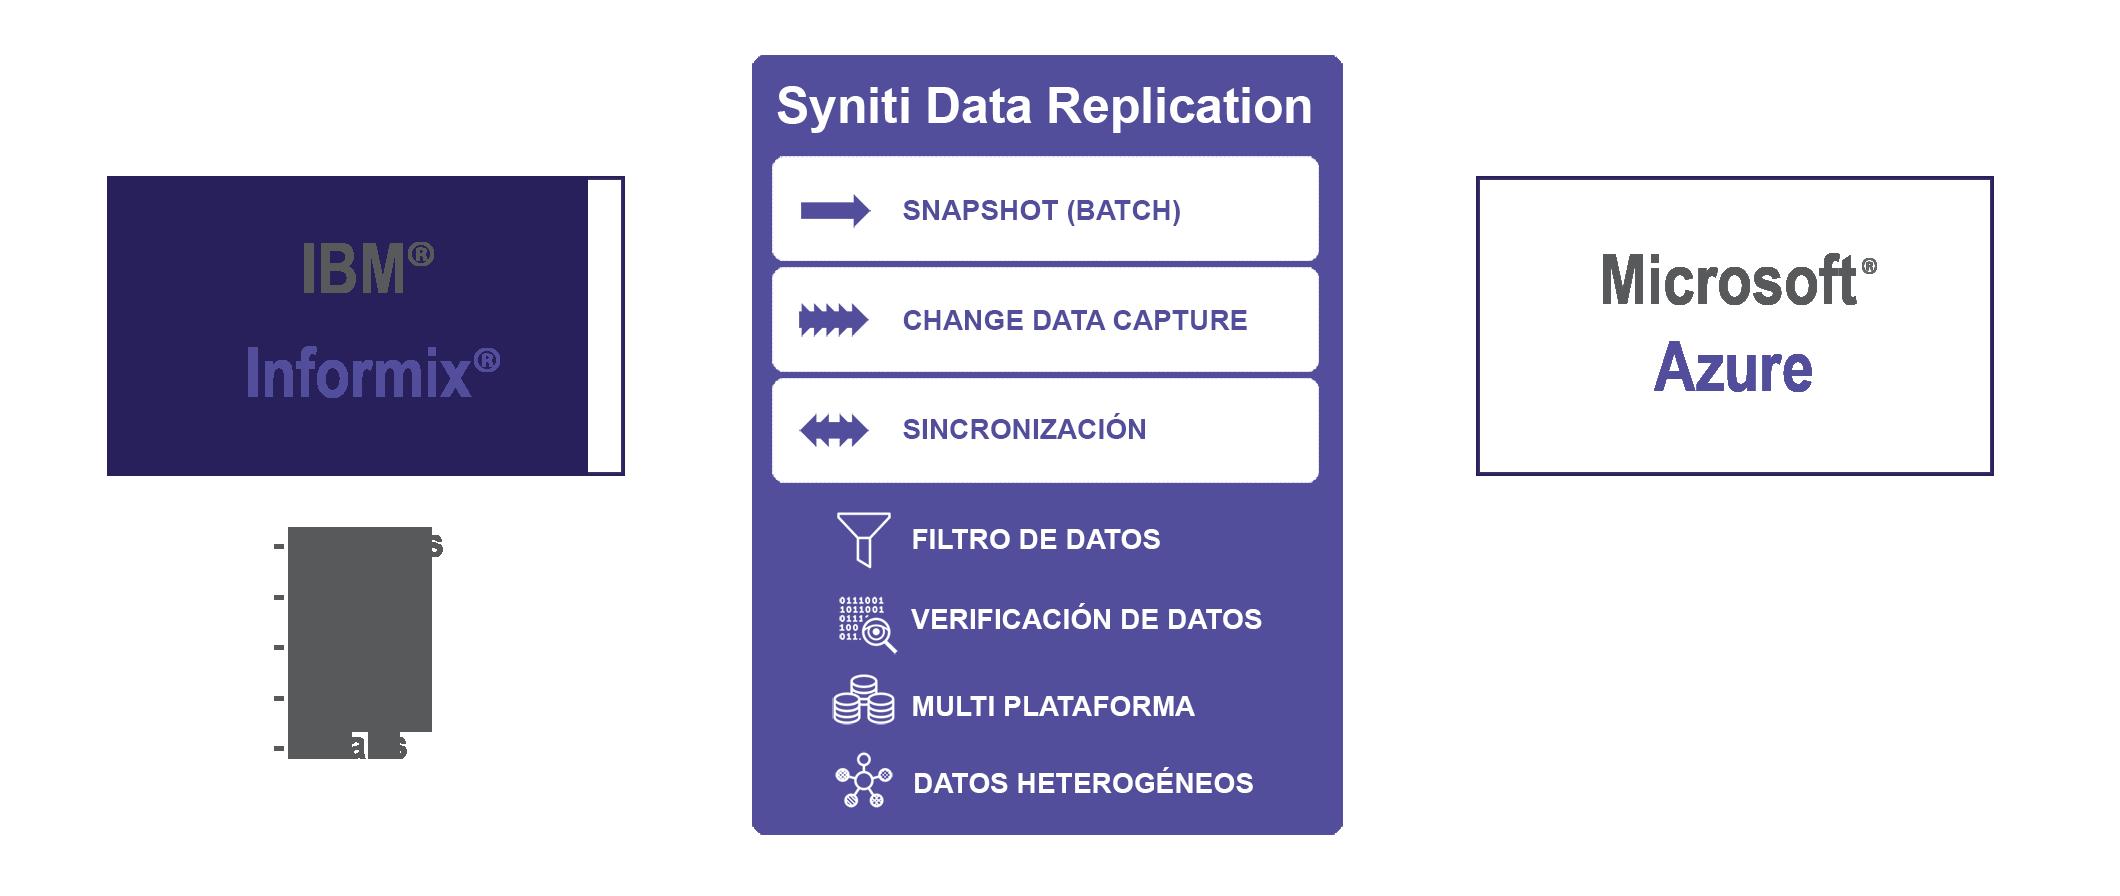 Replicacion de datos Informix a Azure